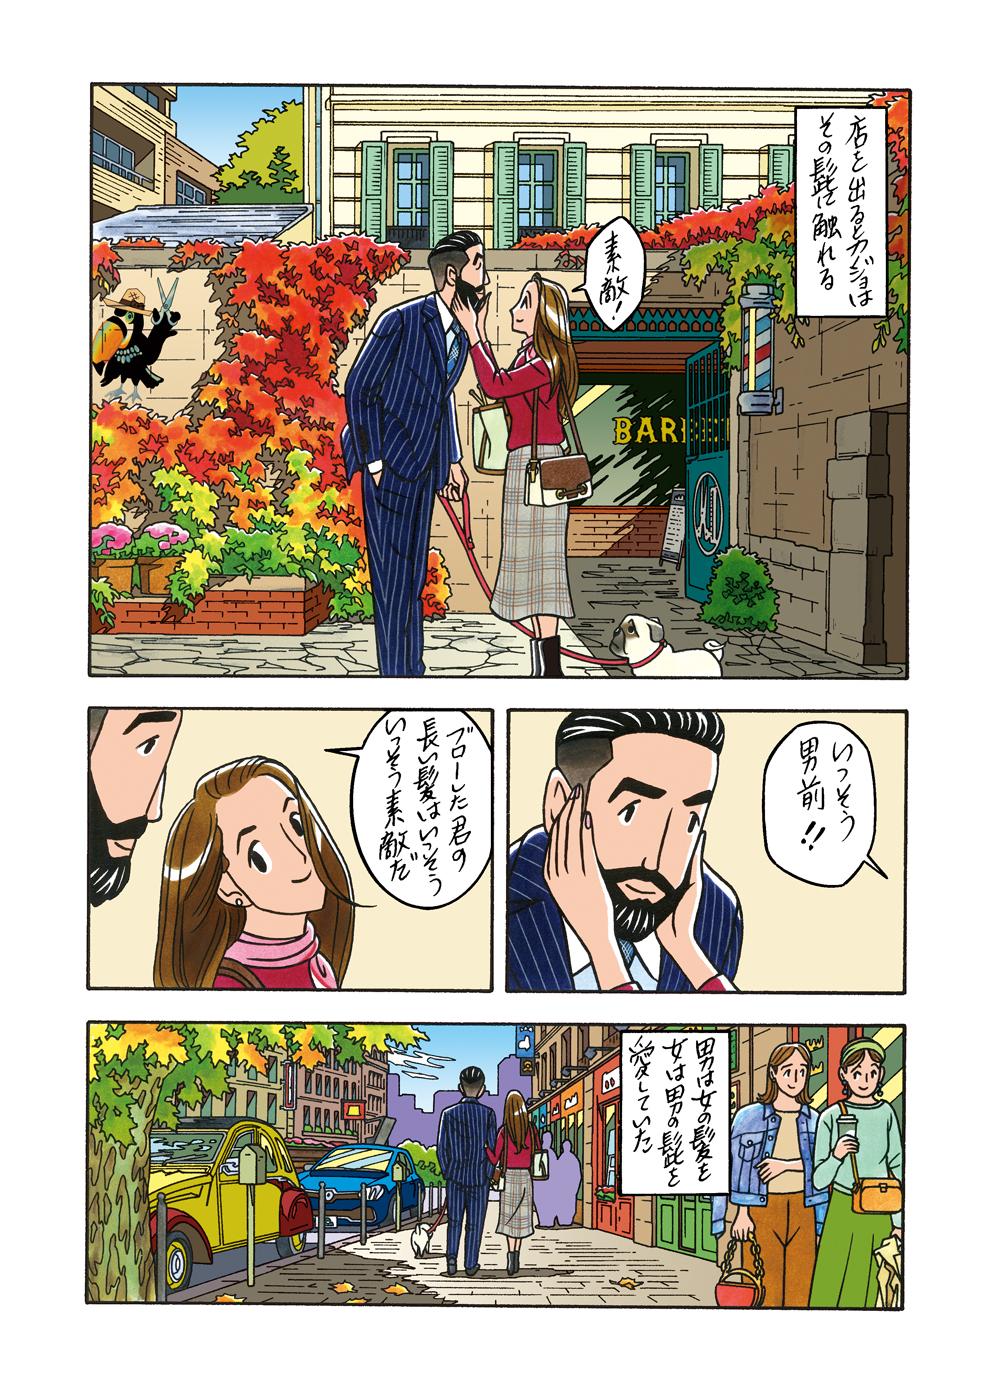 ワンダーカクテル 【第22話 その男の髭】2ページ目画像